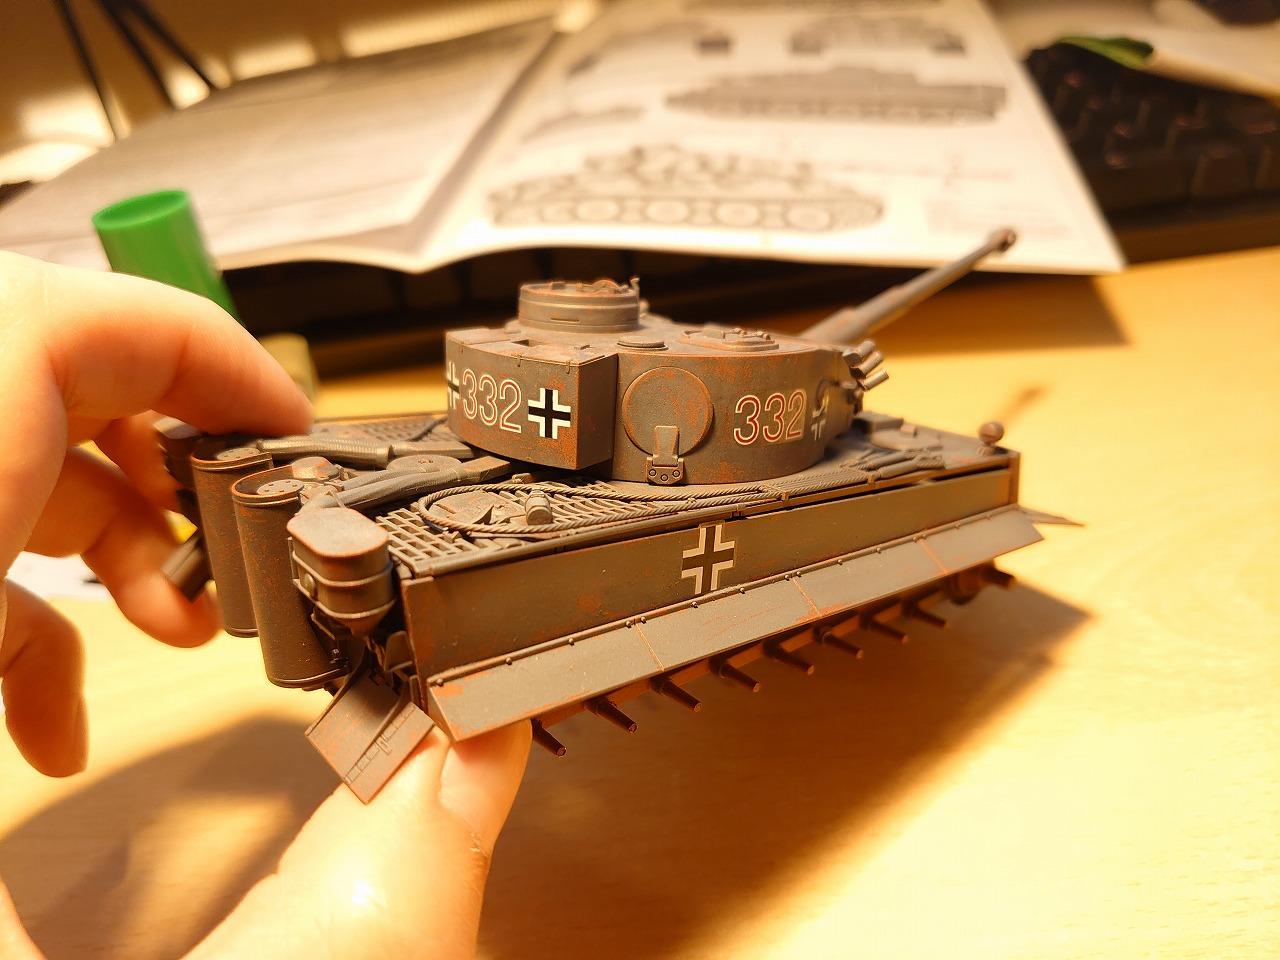 【vicカラー】タミヤの1/48タイガーⅠ初期生産型をヘアスプレーで剥がし塗装してみた